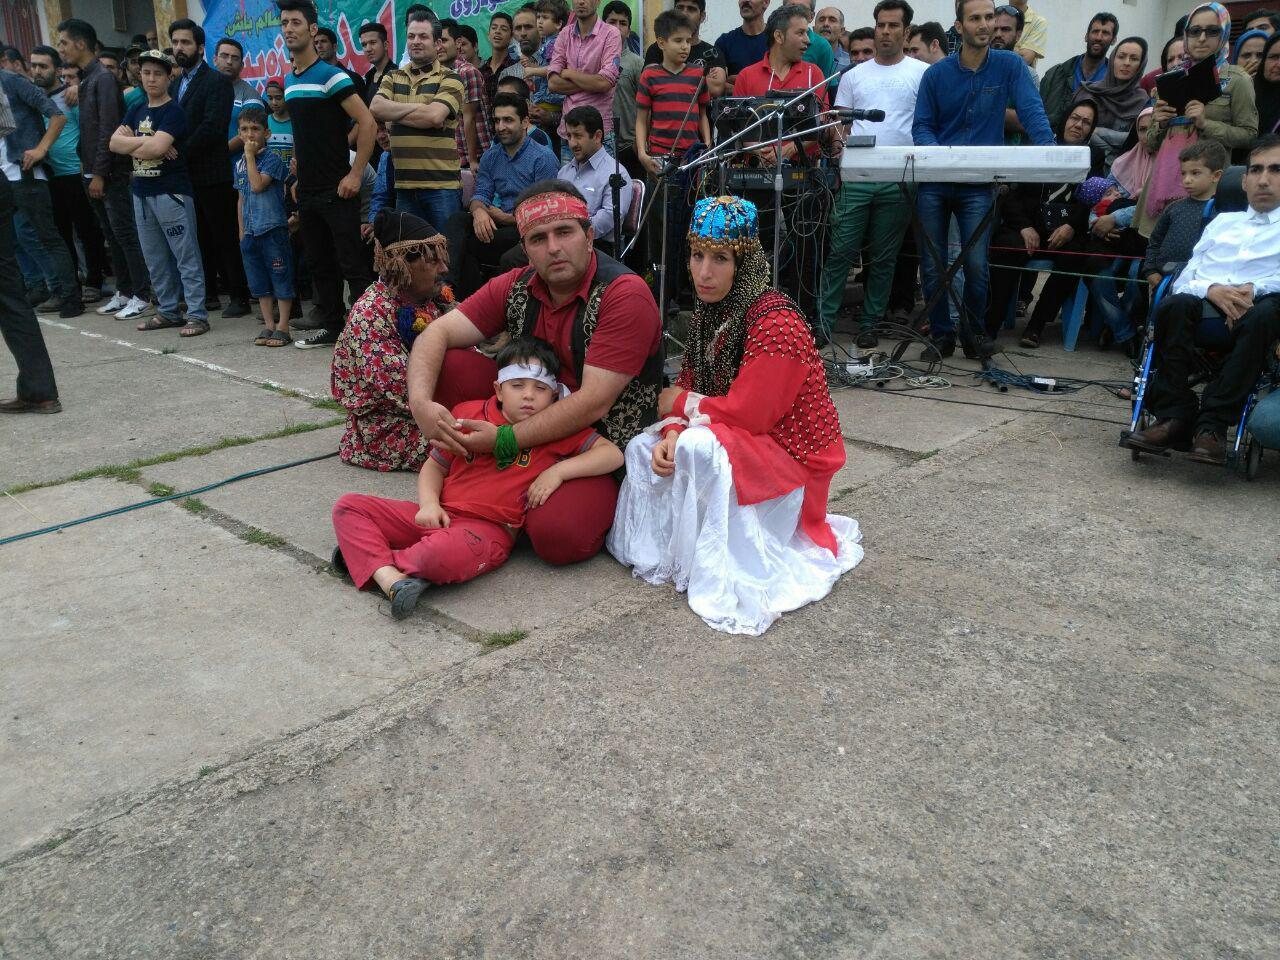 اختصاصی/اجرای لافند بازی توسط جمشید حسین زاده در جشنواره های توت فرنگی صومعه سرا و رودبار